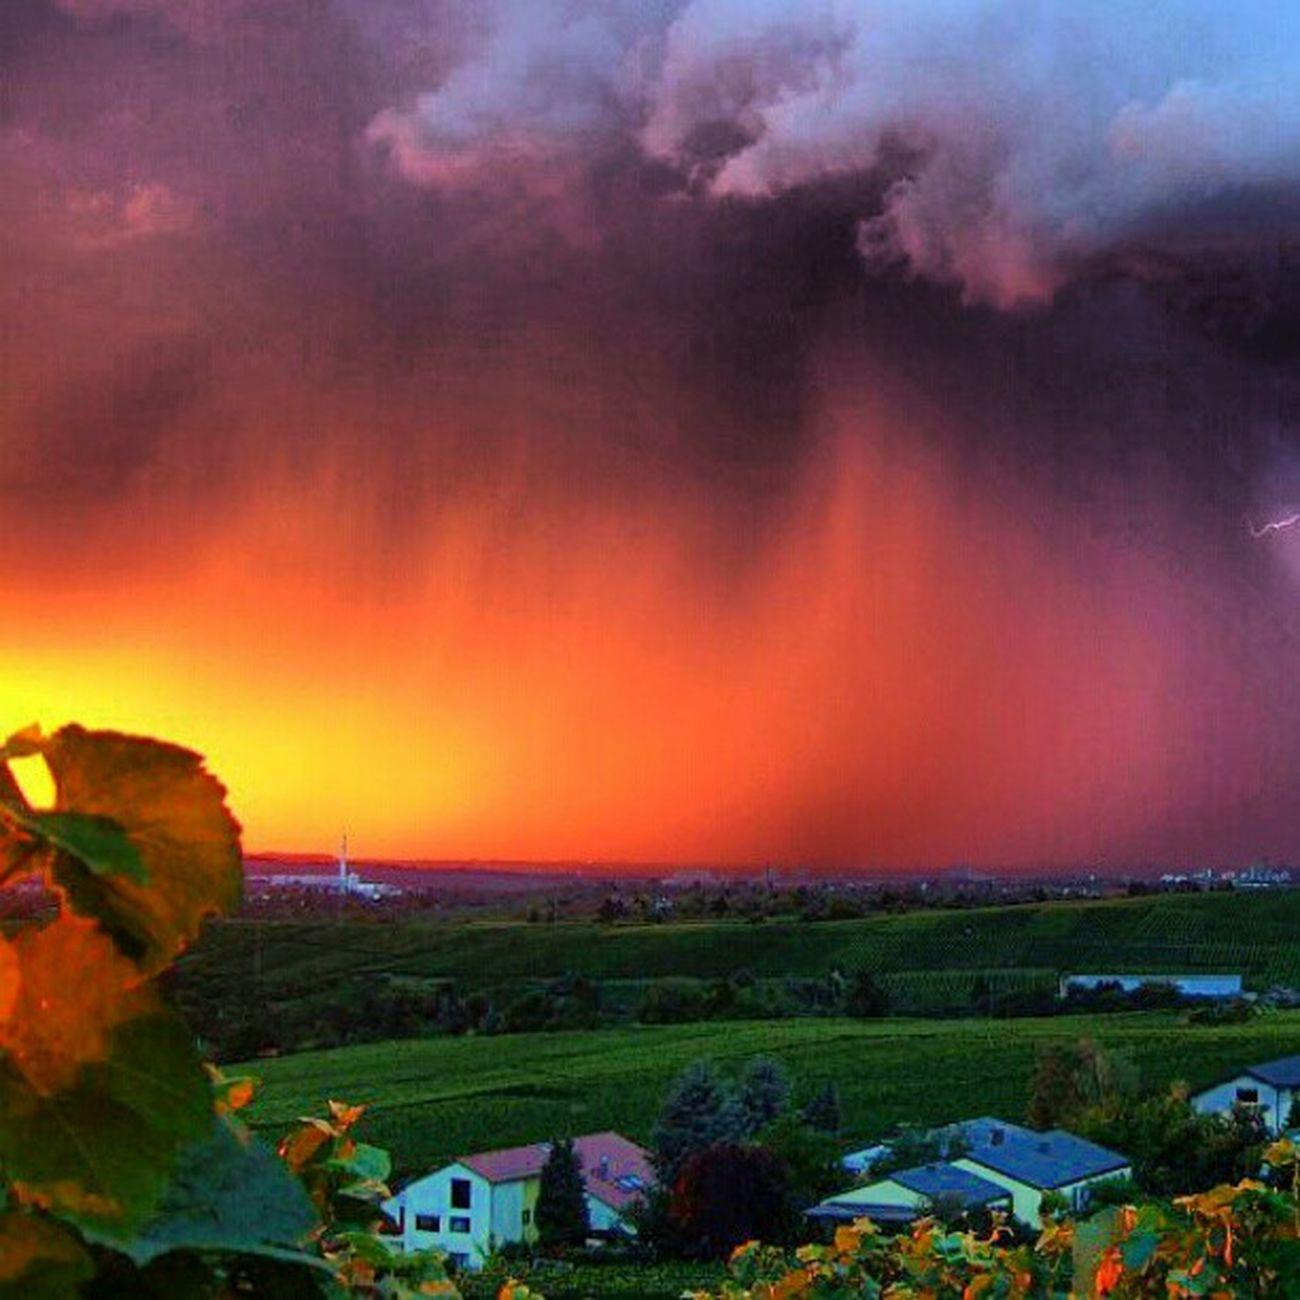 #igerskoblenz #rheinstagram #igers #igersrlp #igerseifel #Weather #Sunset #Wetterbilder #Favorite Sunset Weather Favorite Igers Rheinstagram Igerskoblenz Igersrlp Igerseifel Wetterbilder